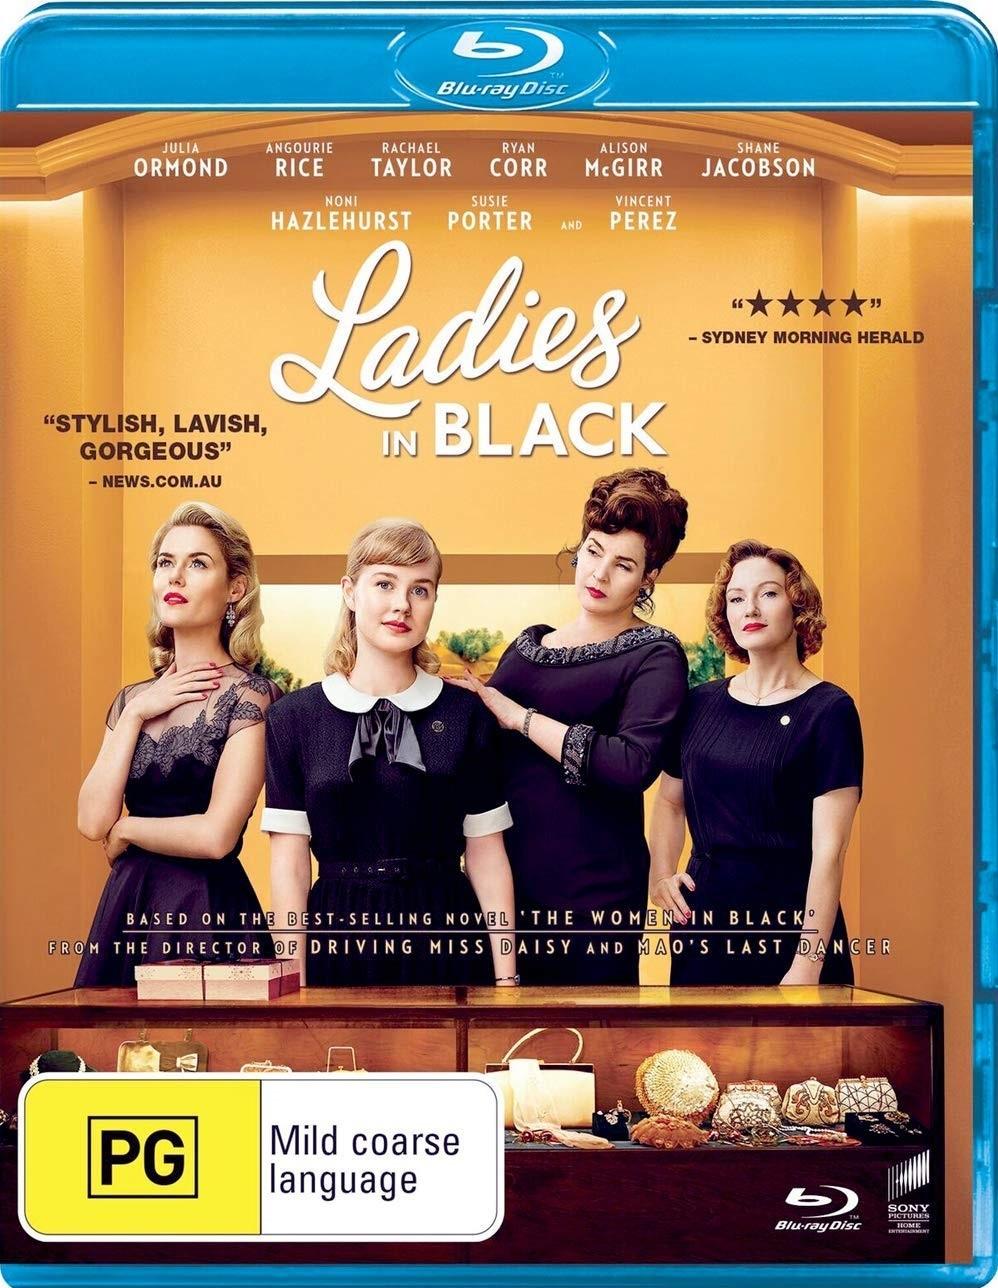 Ladies in Black (2018) poster image